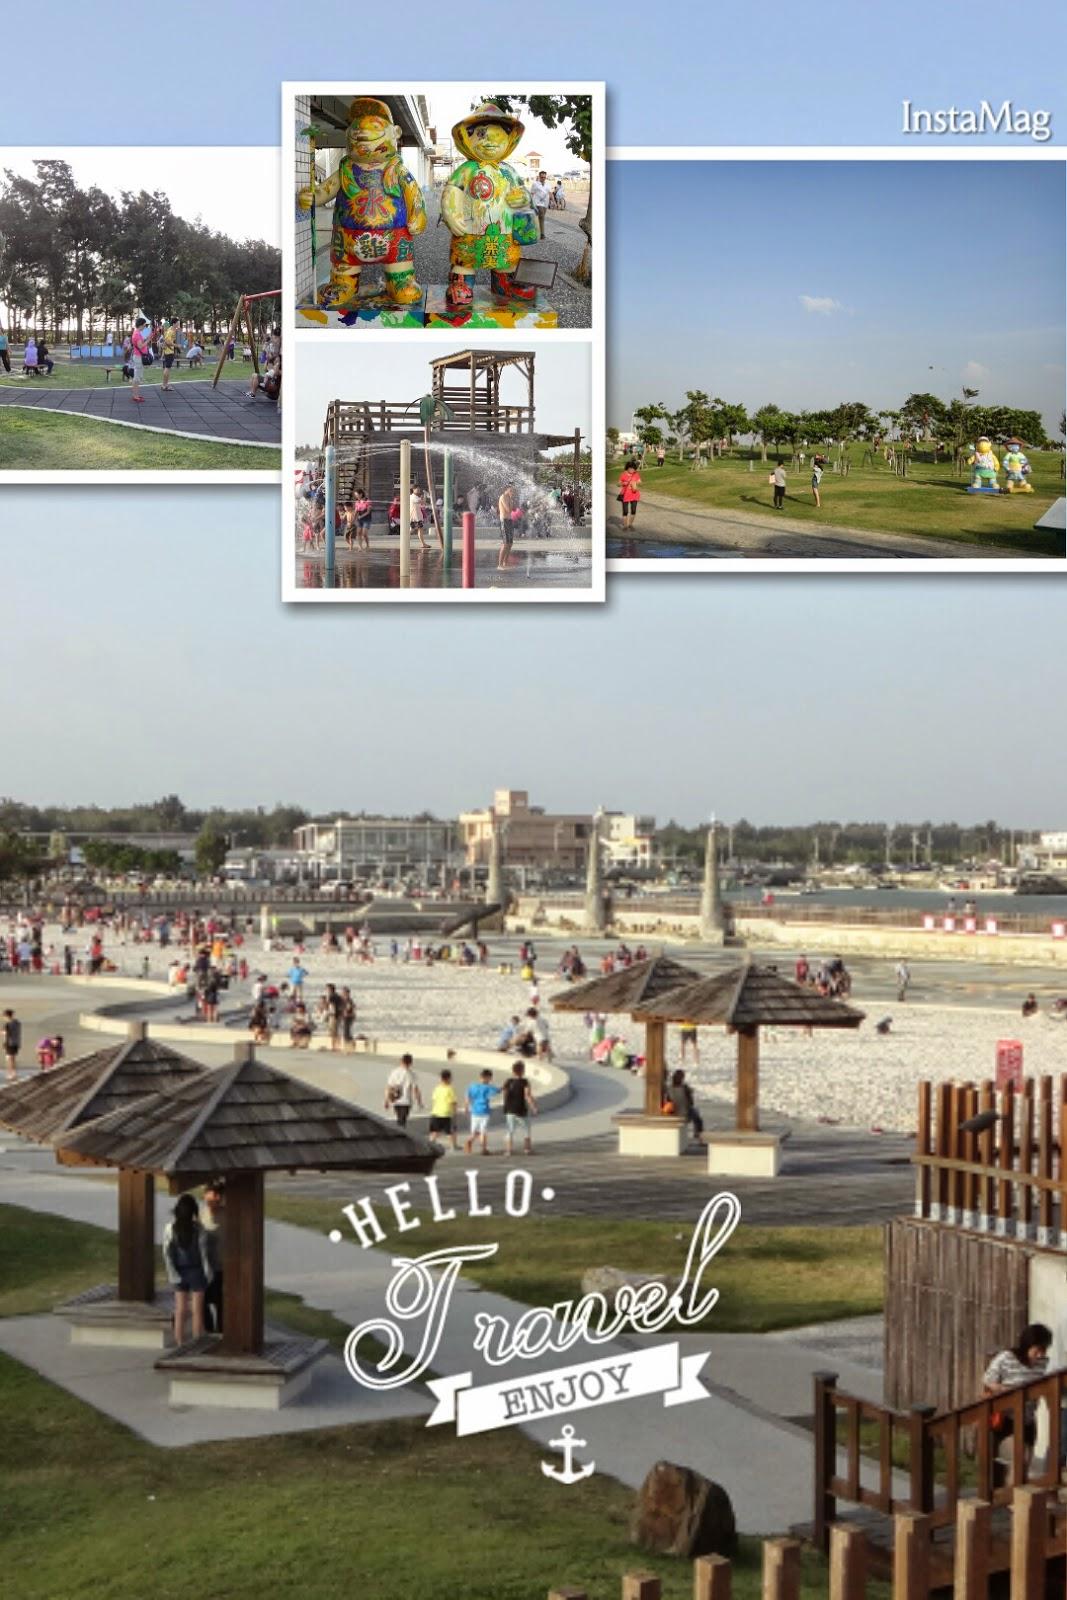 除了很大一遍的親子沙灘之外,旁邊也還有噴水設施、公園也有遊樂器材,基本上很適合帶小朋友來玩個一整天,有吃有喝又有得玩。草皮的空地也很大,因為靠海邊所以風也蠻大的,因此很多人來放風箏。